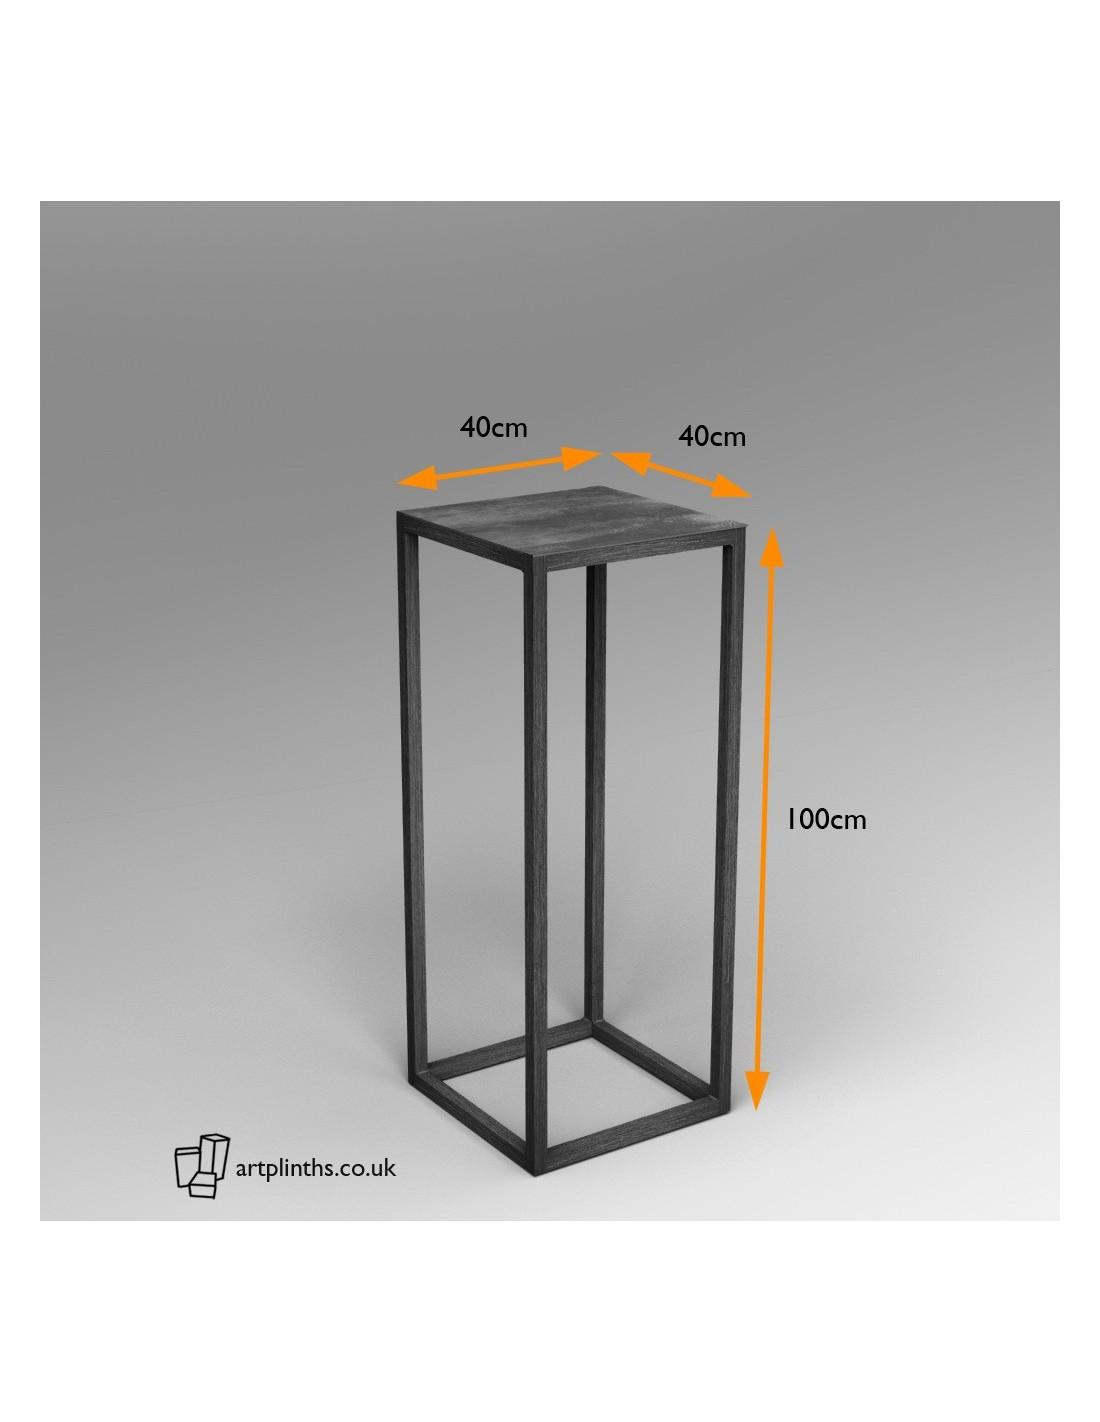 steel frame plinth hire london uk metal display. Black Bedroom Furniture Sets. Home Design Ideas